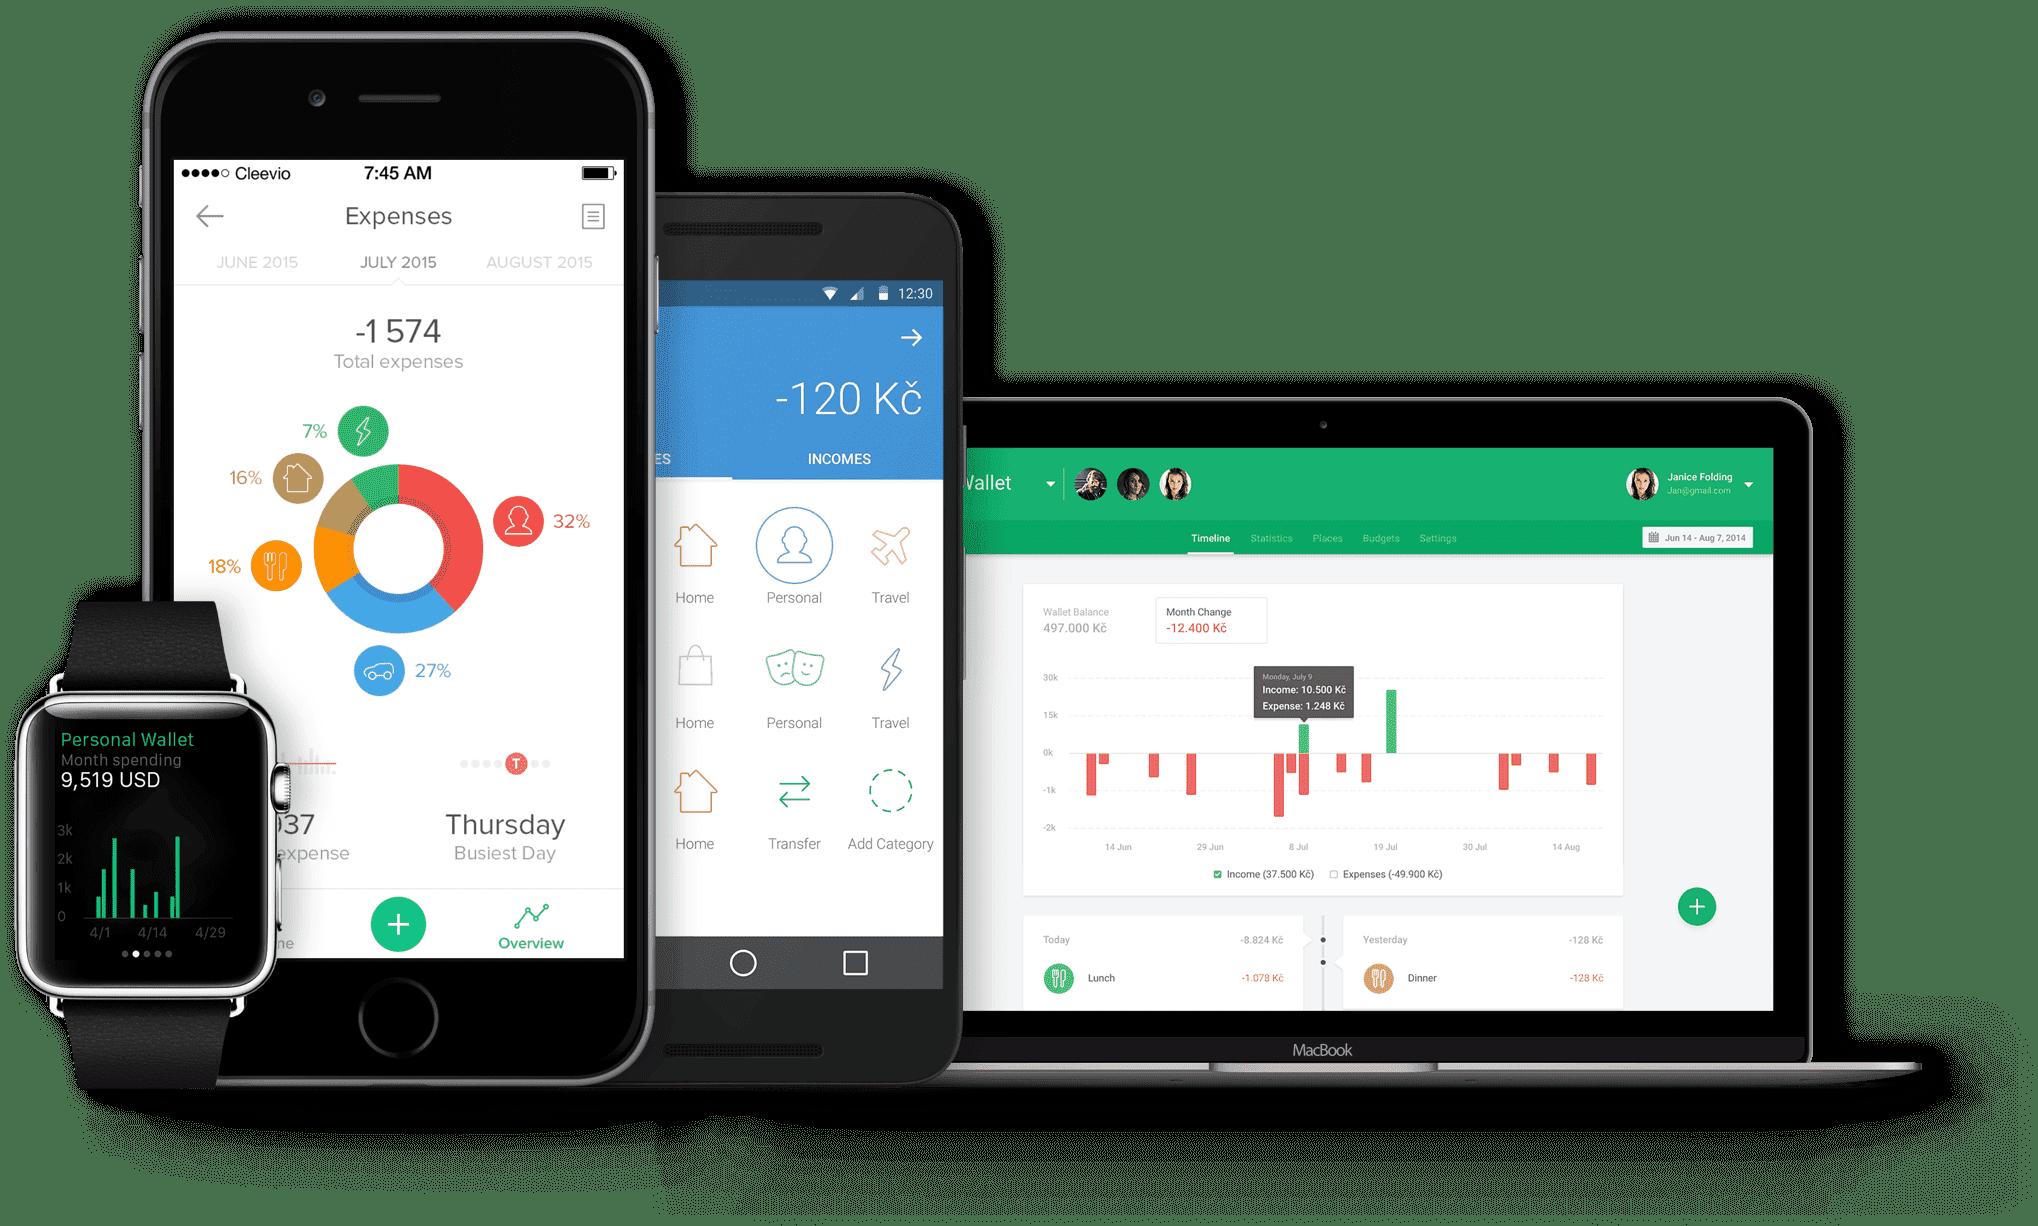 spendee devices Путь к экономии со Spendee. Подробный обзор приложения Spendee для Андроид.